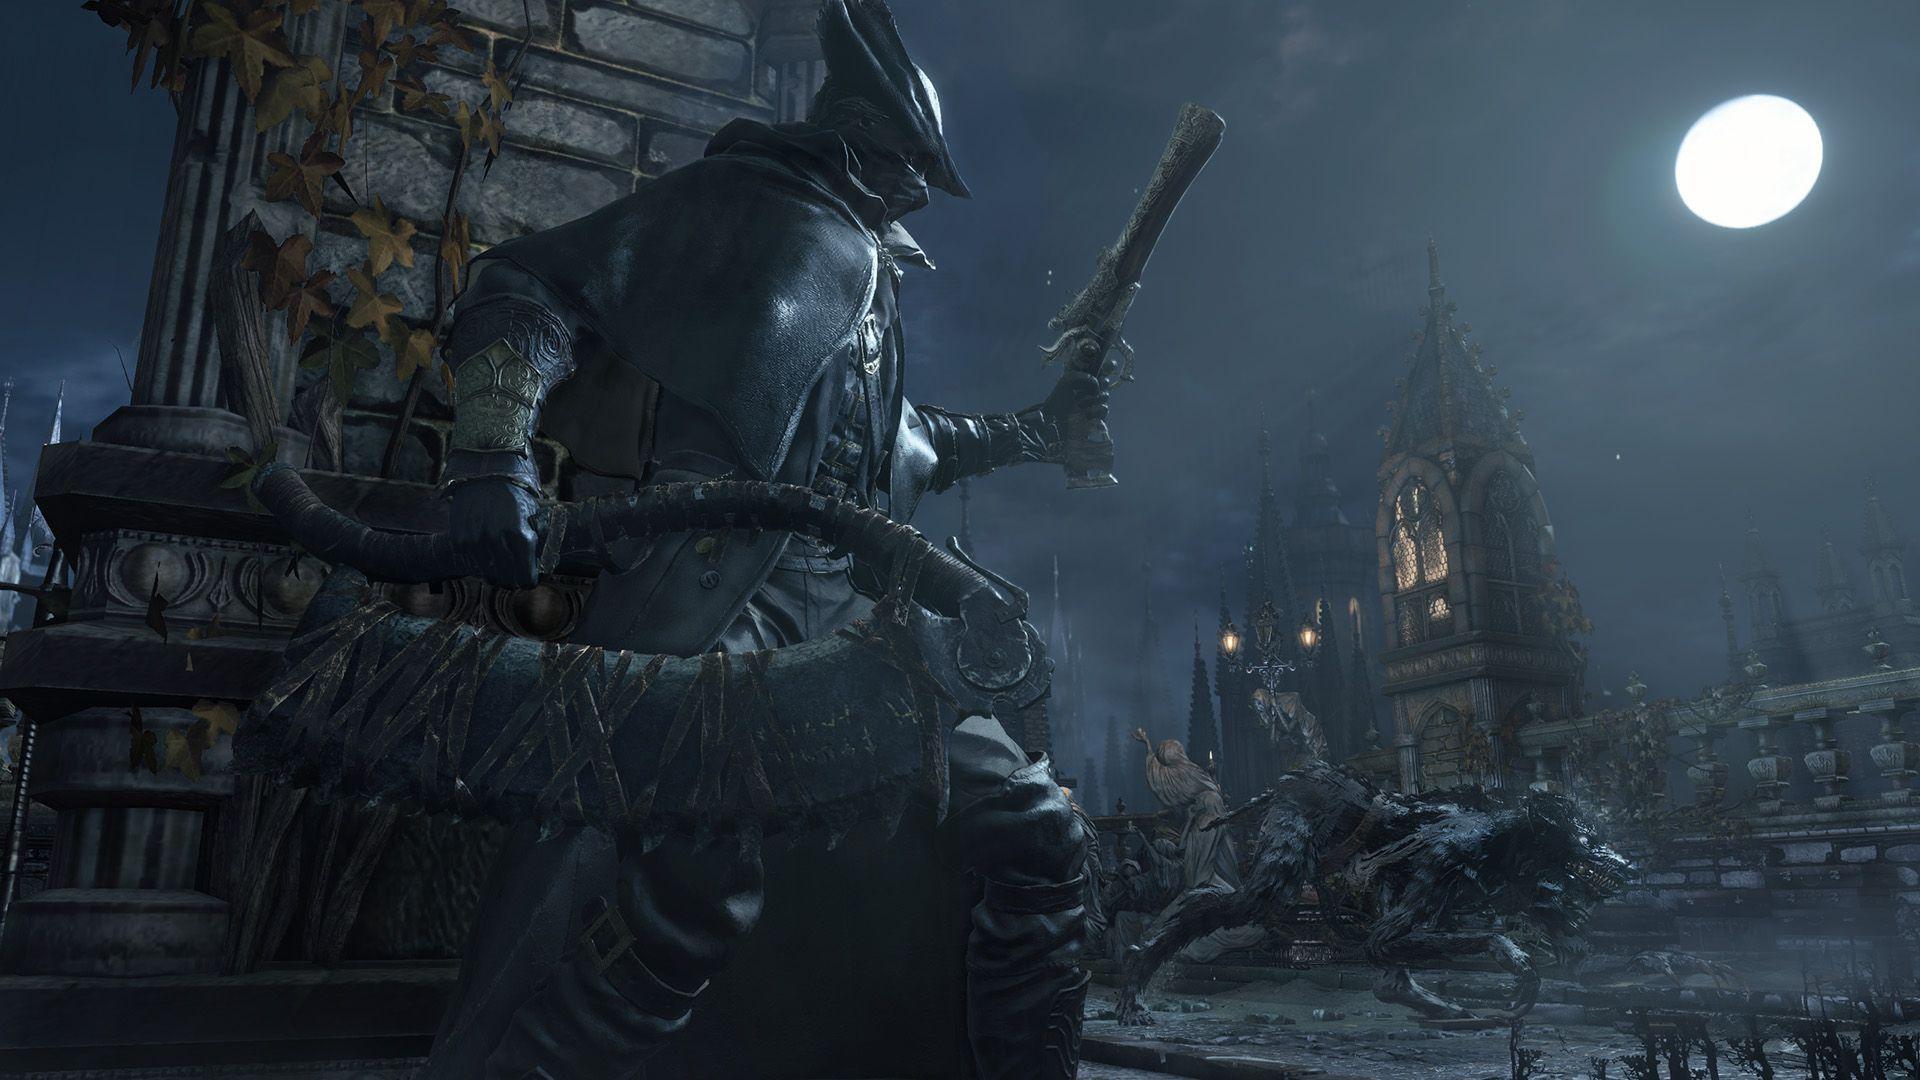 bloodborne-2-sequel-ps5-games-list